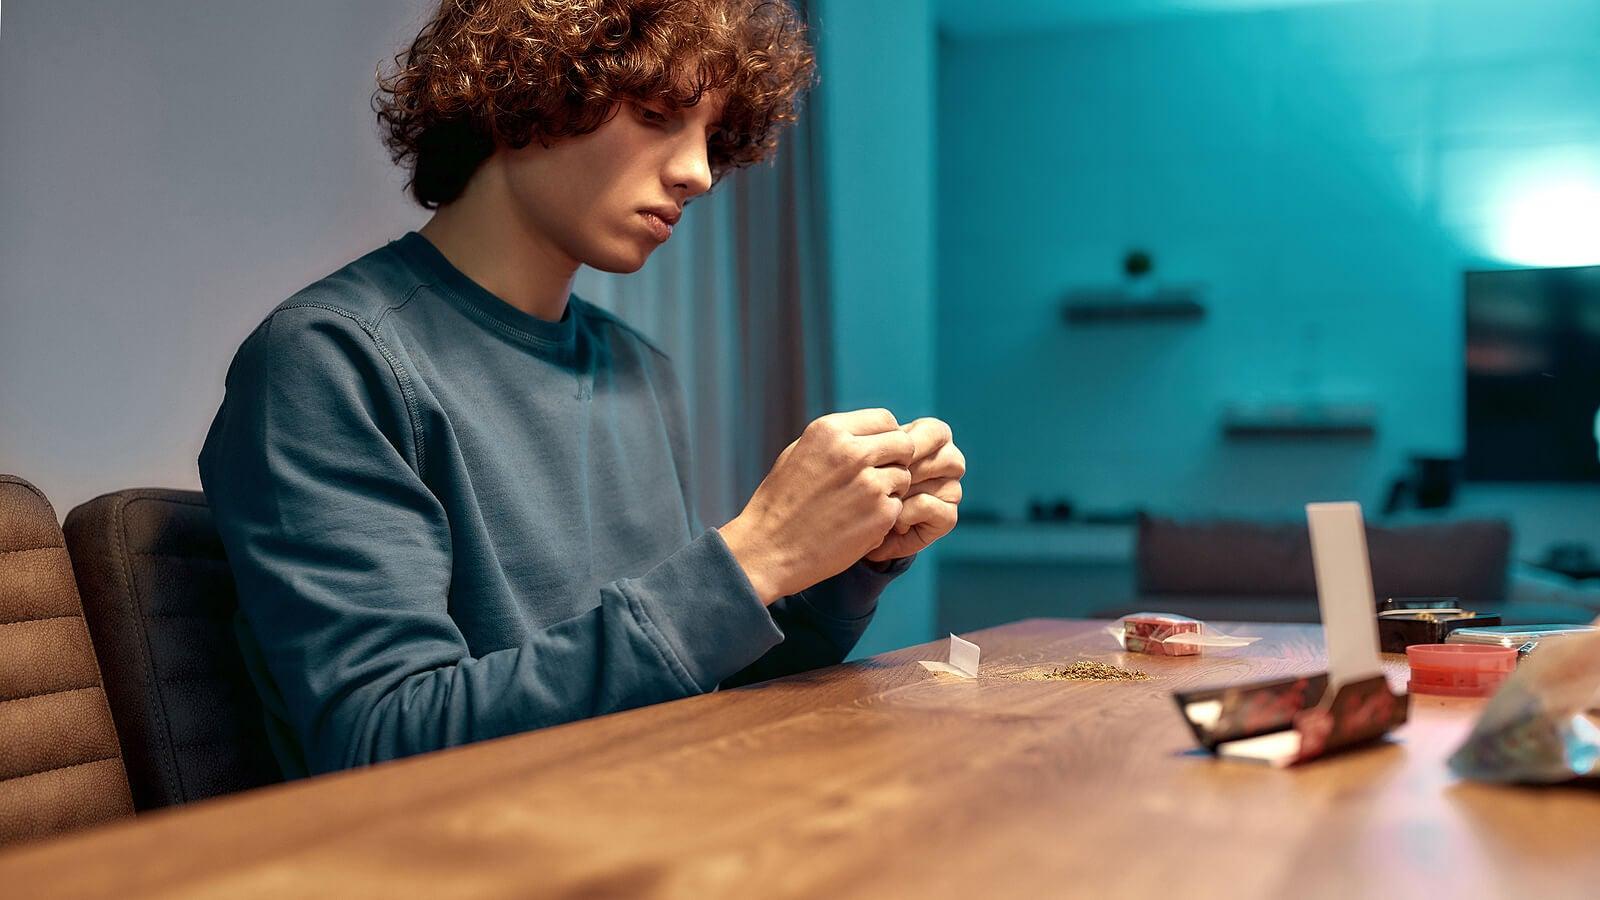 Chico adolescente haciéndose un porro de cannabis.